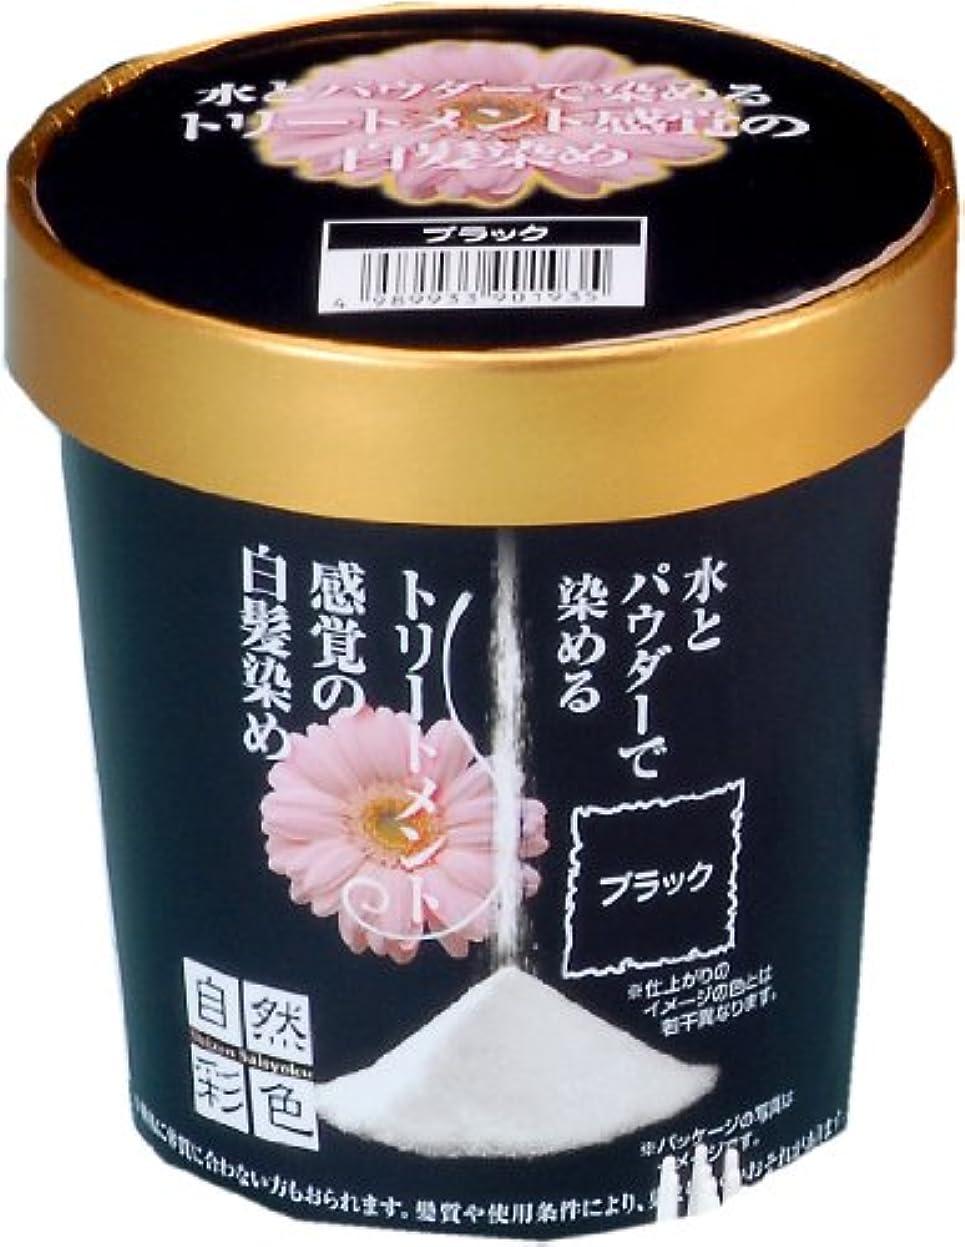 違反結婚式挑む鈴木油脂工業 自然彩色 白髪染め 染美A ハーブの香り ナチュラルブラック 30g